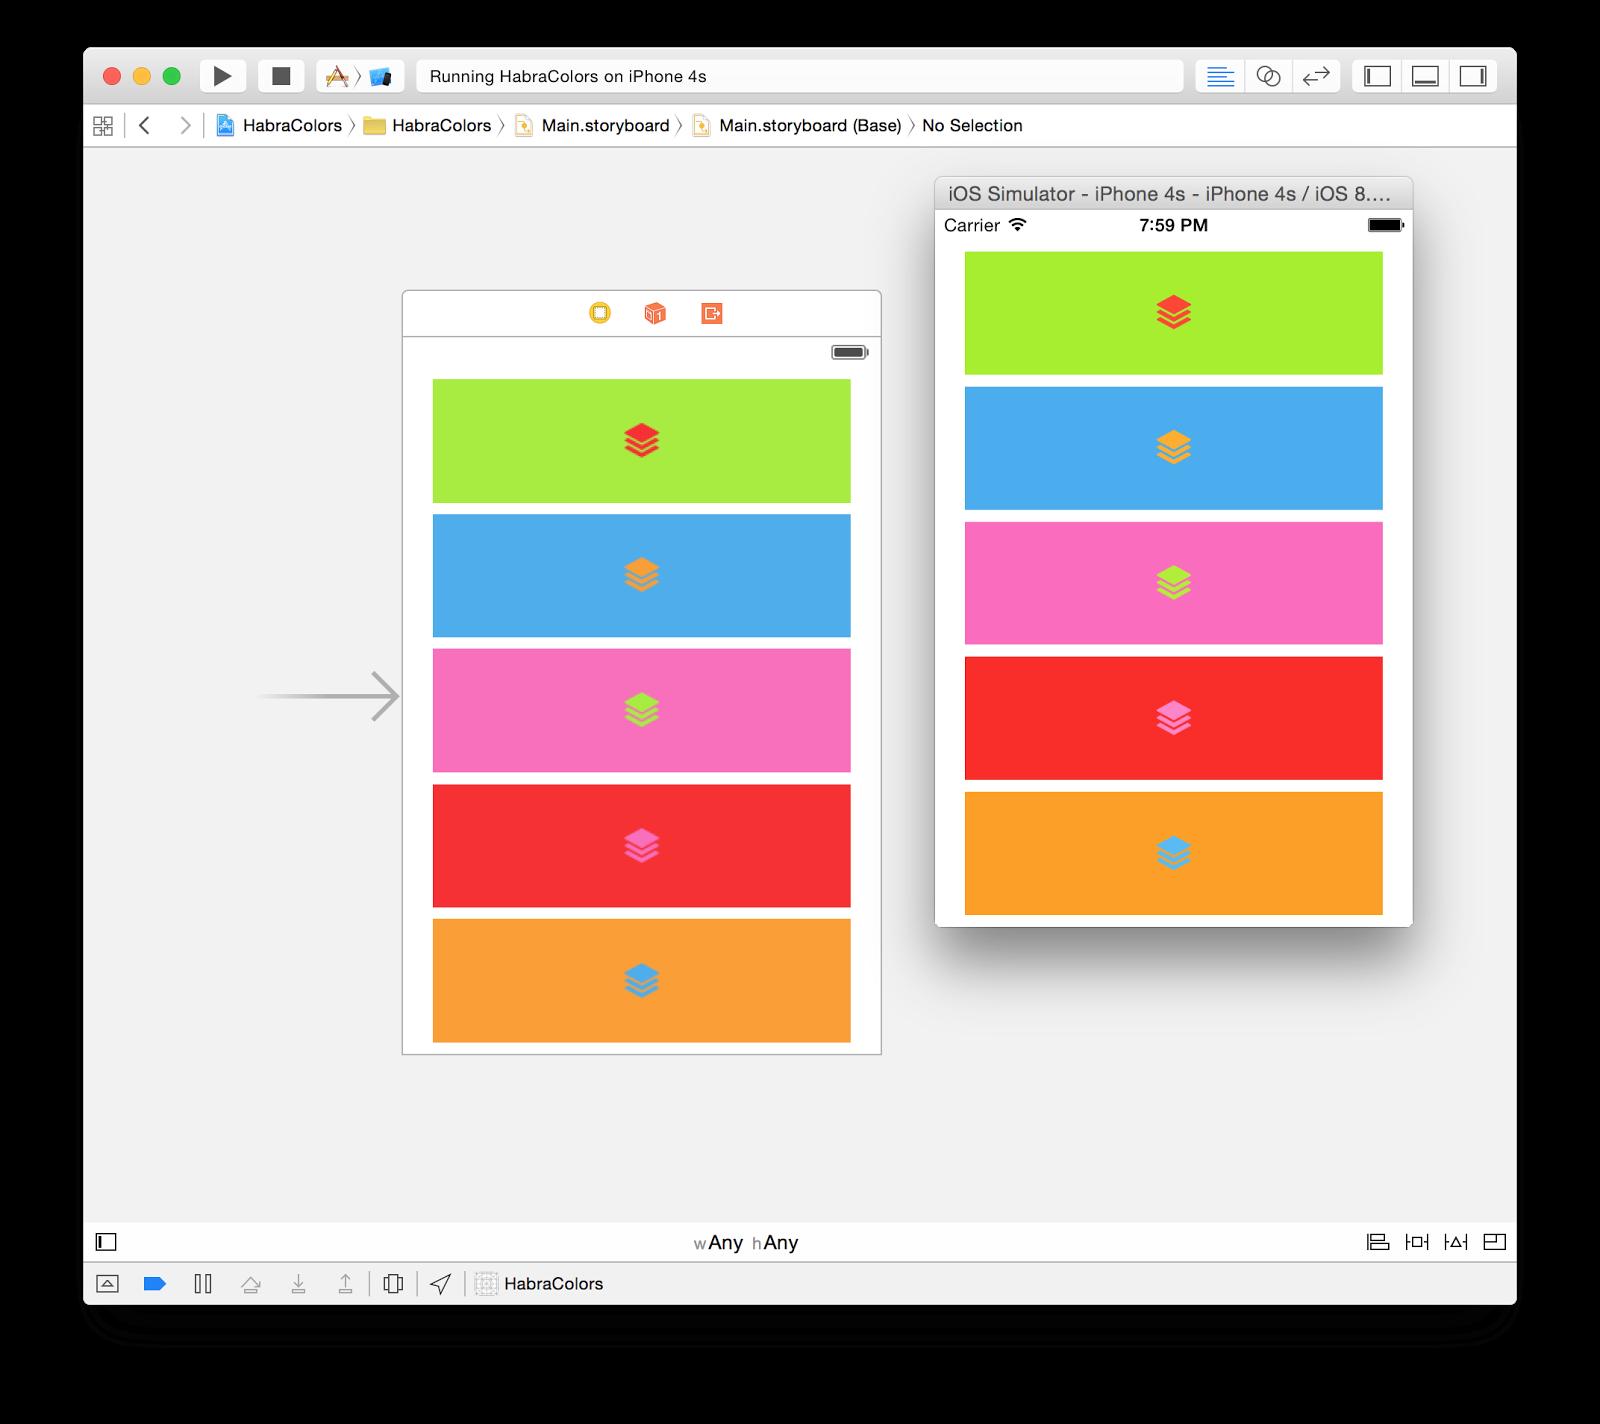 Стилизация iOS-приложений: как мы натягиваем шрифты, цвета и изображения - 11